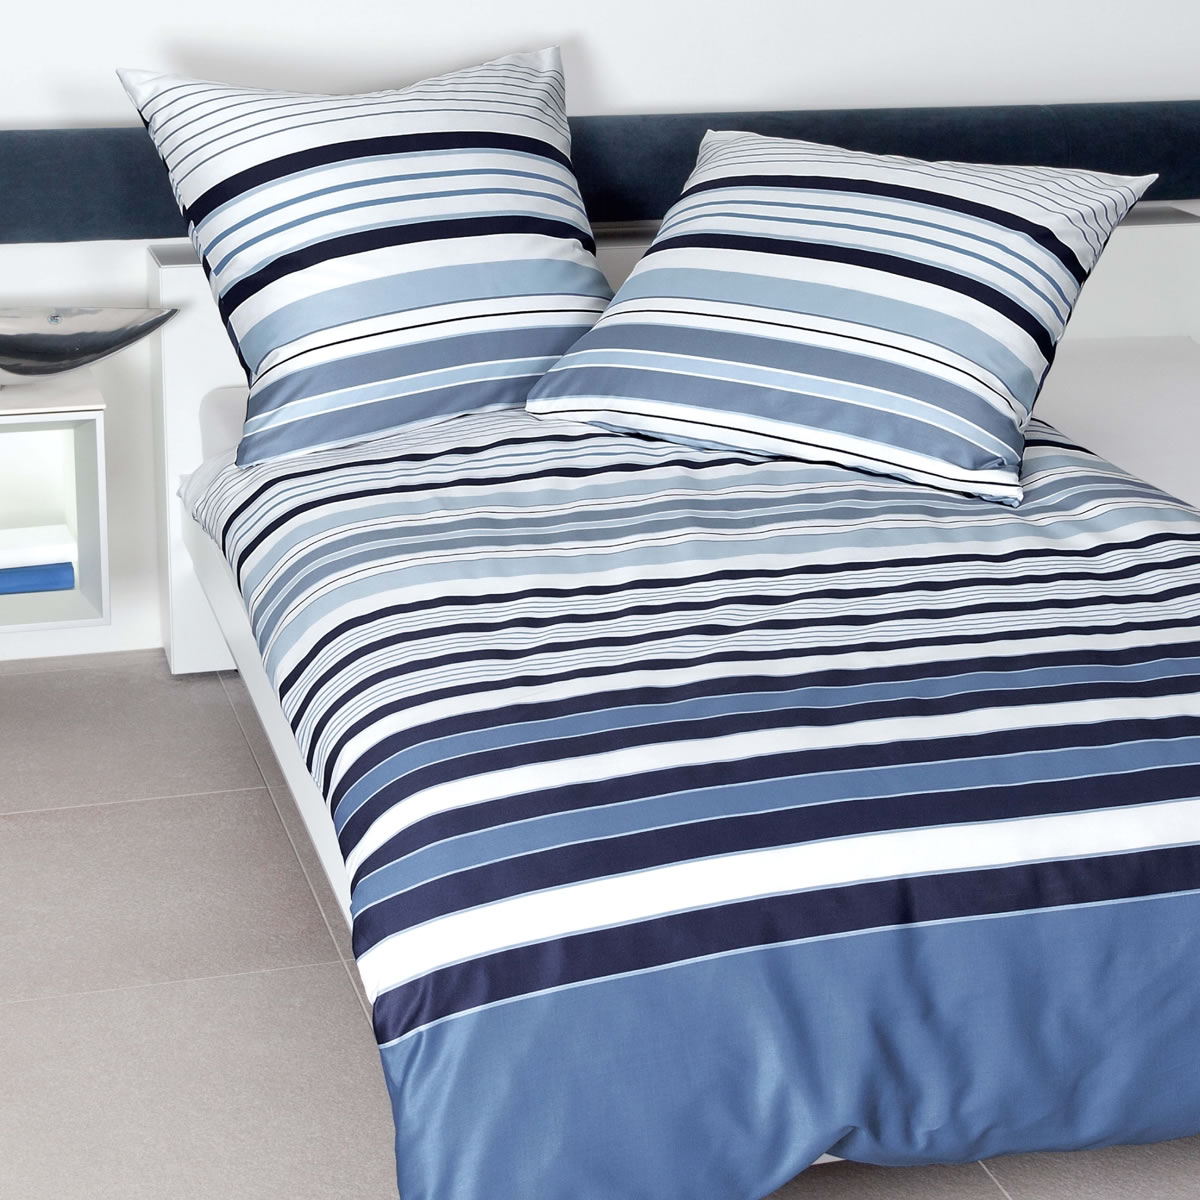 Janine Mako Satin Bettwäsche Jd Design 87040 02 Blau Weiß Gestreift